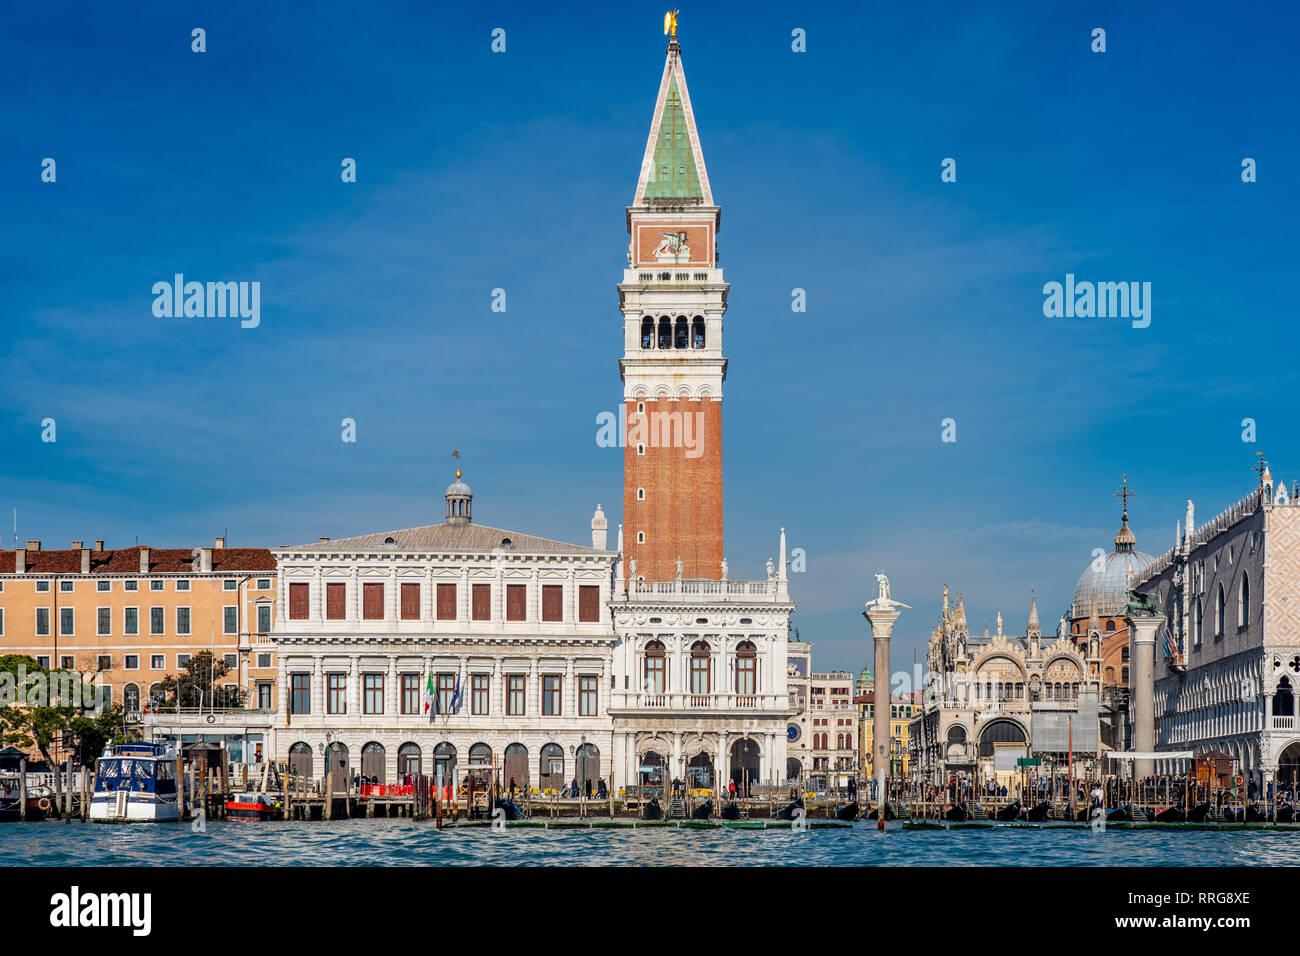 Vistas del Campanile de San Marcos y el Palacio Ducal de Venecia. A partir de una serie de fotos de viaje en Italia. Foto Fecha: lunes, 11 de febrero de 2019. Foto: R Foto de stock